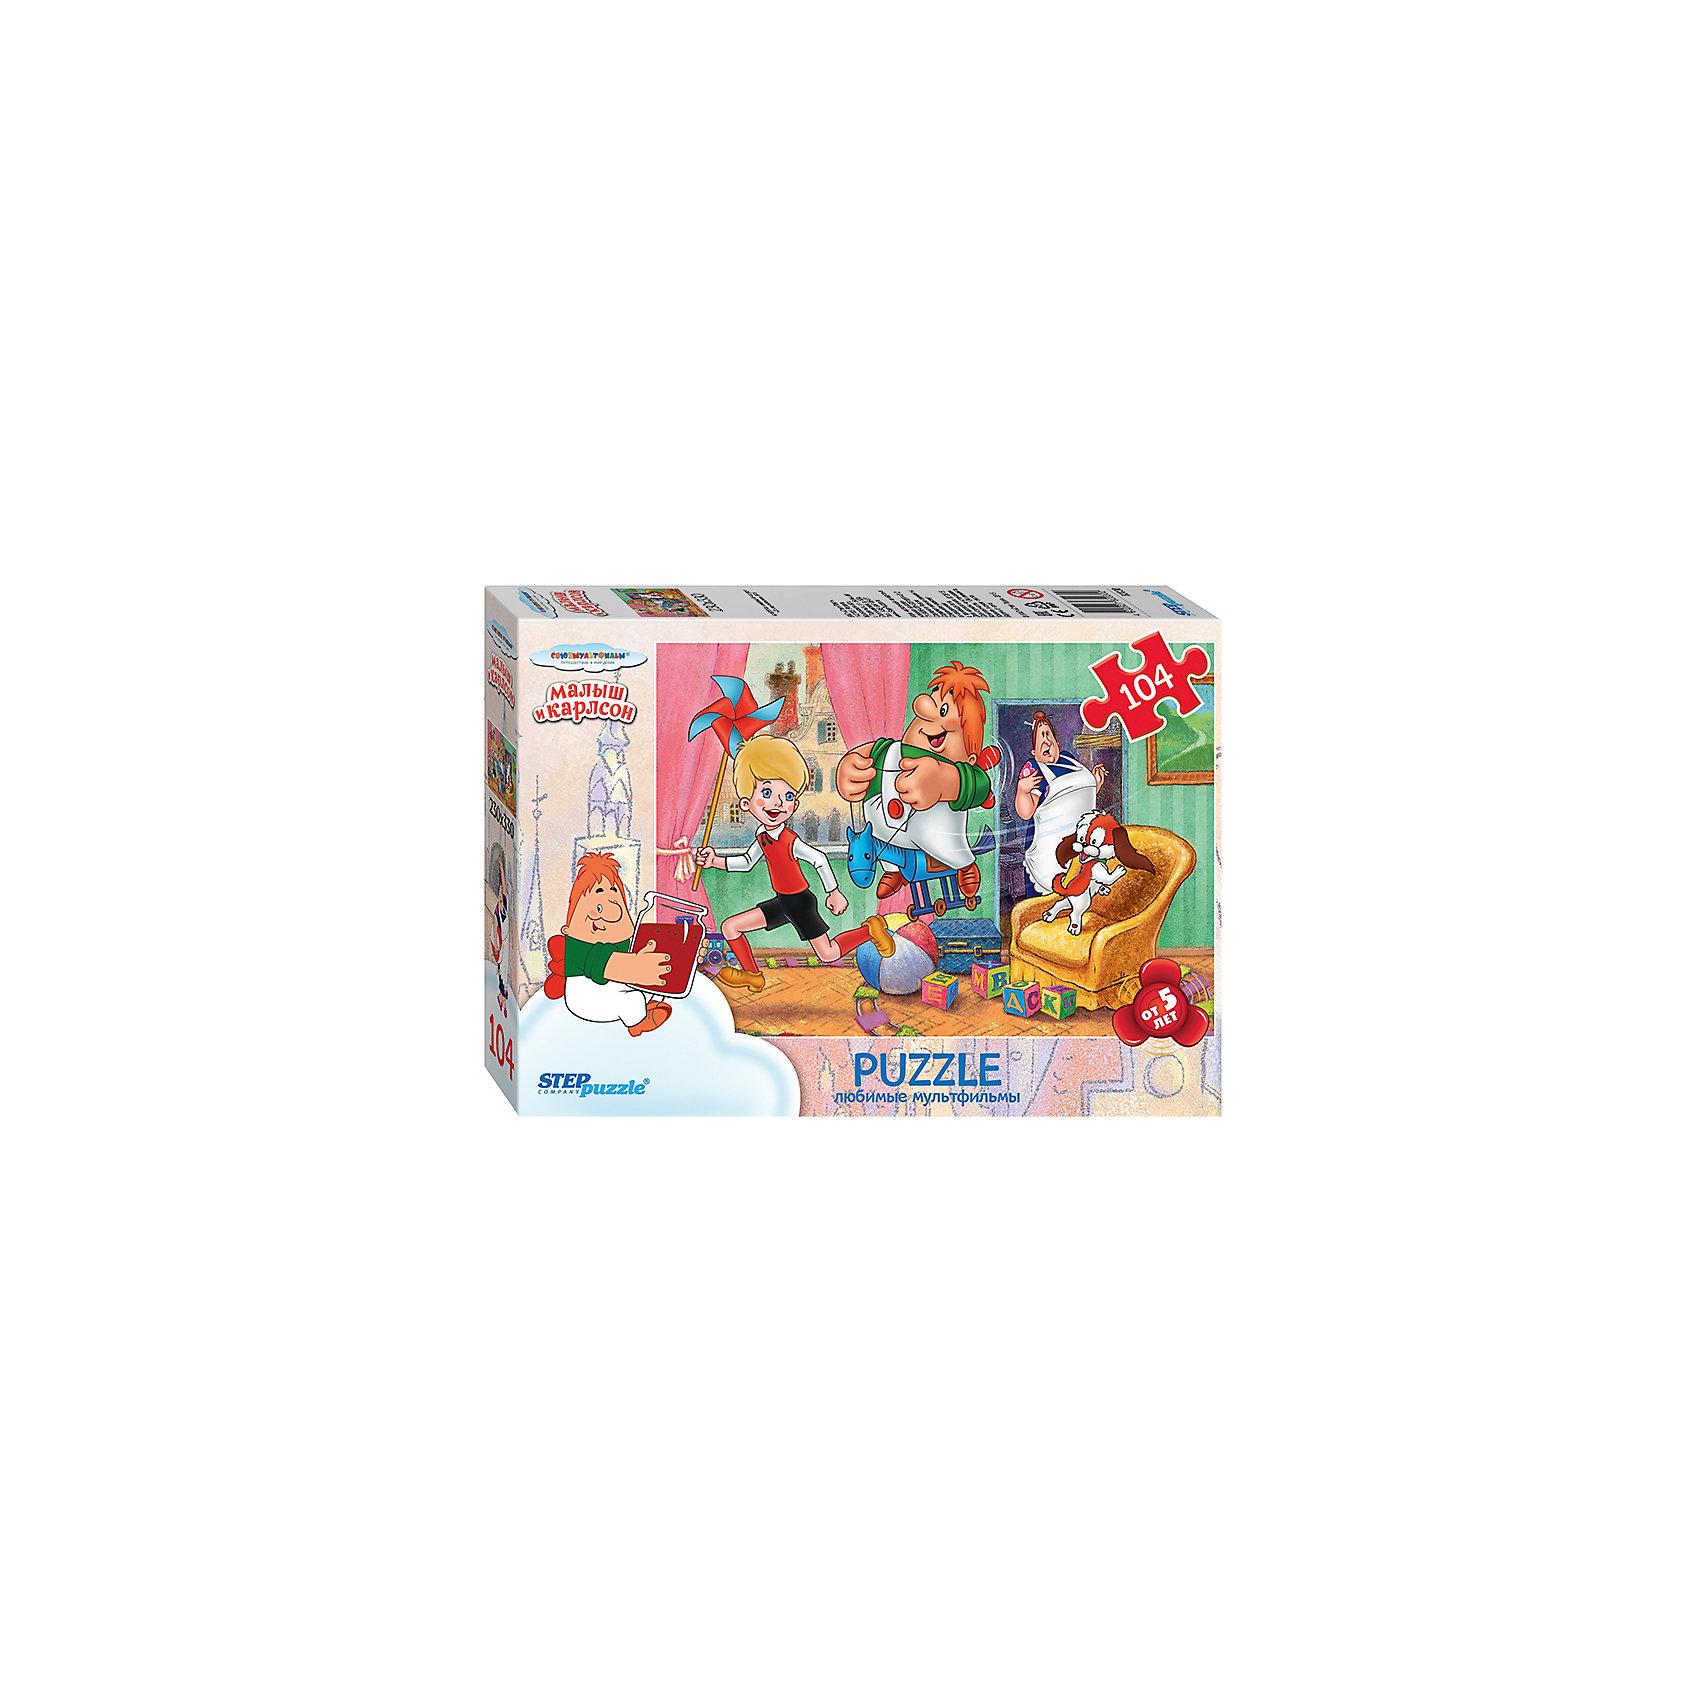 Пазл Малыш и Карлсон, 104 детали, Step PuzzleПазл Малыш и Карлсон, 104 детали, Step Puzzle (Степ Пазл) – это замечательный красочный пазл с изображением любимых героев.<br>Пазлы «Союзмультфильм» от Step Puzzle (Степ Пазл) – напомнят о любимых сказочных героях знакомых с детства мультфильмов. Подарите ребенку чудесный пазл Малыш и Карлсон, и он будет увлеченно подбирать детали, пока не составит яркую и интересную картинку, на которой Малыш и Карлсон расшалились и не замечают, что за ними наблюдает Фрекен Бок. Сборка пазла Малыш и Карлсон от Step Puzzle (Степ Пазл) подарит Вашему ребенку не только множество увлекательных вечеров, но и принесет пользу для развития. Координация, моторика, внимательность легко тренируются, пока ребенок увлеченно подбирает детали. Качественные фрагменты пазла отлично проклеены и идеально подходят один к другому, поэтому сборка пазла обеспечит малышу только положительные эмоции. Вы будете использовать этот пазл не один год, ведь благодаря качественной нарезке детали не расслаиваются даже после многократного использования.<br><br>Дополнительная информация:<br><br>- Количество деталей: 104<br>- Материал: картон<br>- Размер собранной картинки: 33х23 см.<br>- Отличная проклейка<br>- Долгий срок службы<br>- Детали идеально подходят друг другу<br>- Яркий сюжет<br>- Упаковка: картонная коробка<br>- Размер упаковки: 195x35x140 мм.<br>- Вес: 400 гр.<br><br>Пазл Малыш и Карлсон, 104 детали, Step Puzzle (Степ Пазл) можно купить в нашем интернет-магазине.<br><br>Ширина мм: 195<br>Глубина мм: 35<br>Высота мм: 140<br>Вес г: 400<br>Возраст от месяцев: 60<br>Возраст до месяцев: 144<br>Пол: Унисекс<br>Возраст: Детский<br>Количество деталей: 104<br>SKU: 4588271